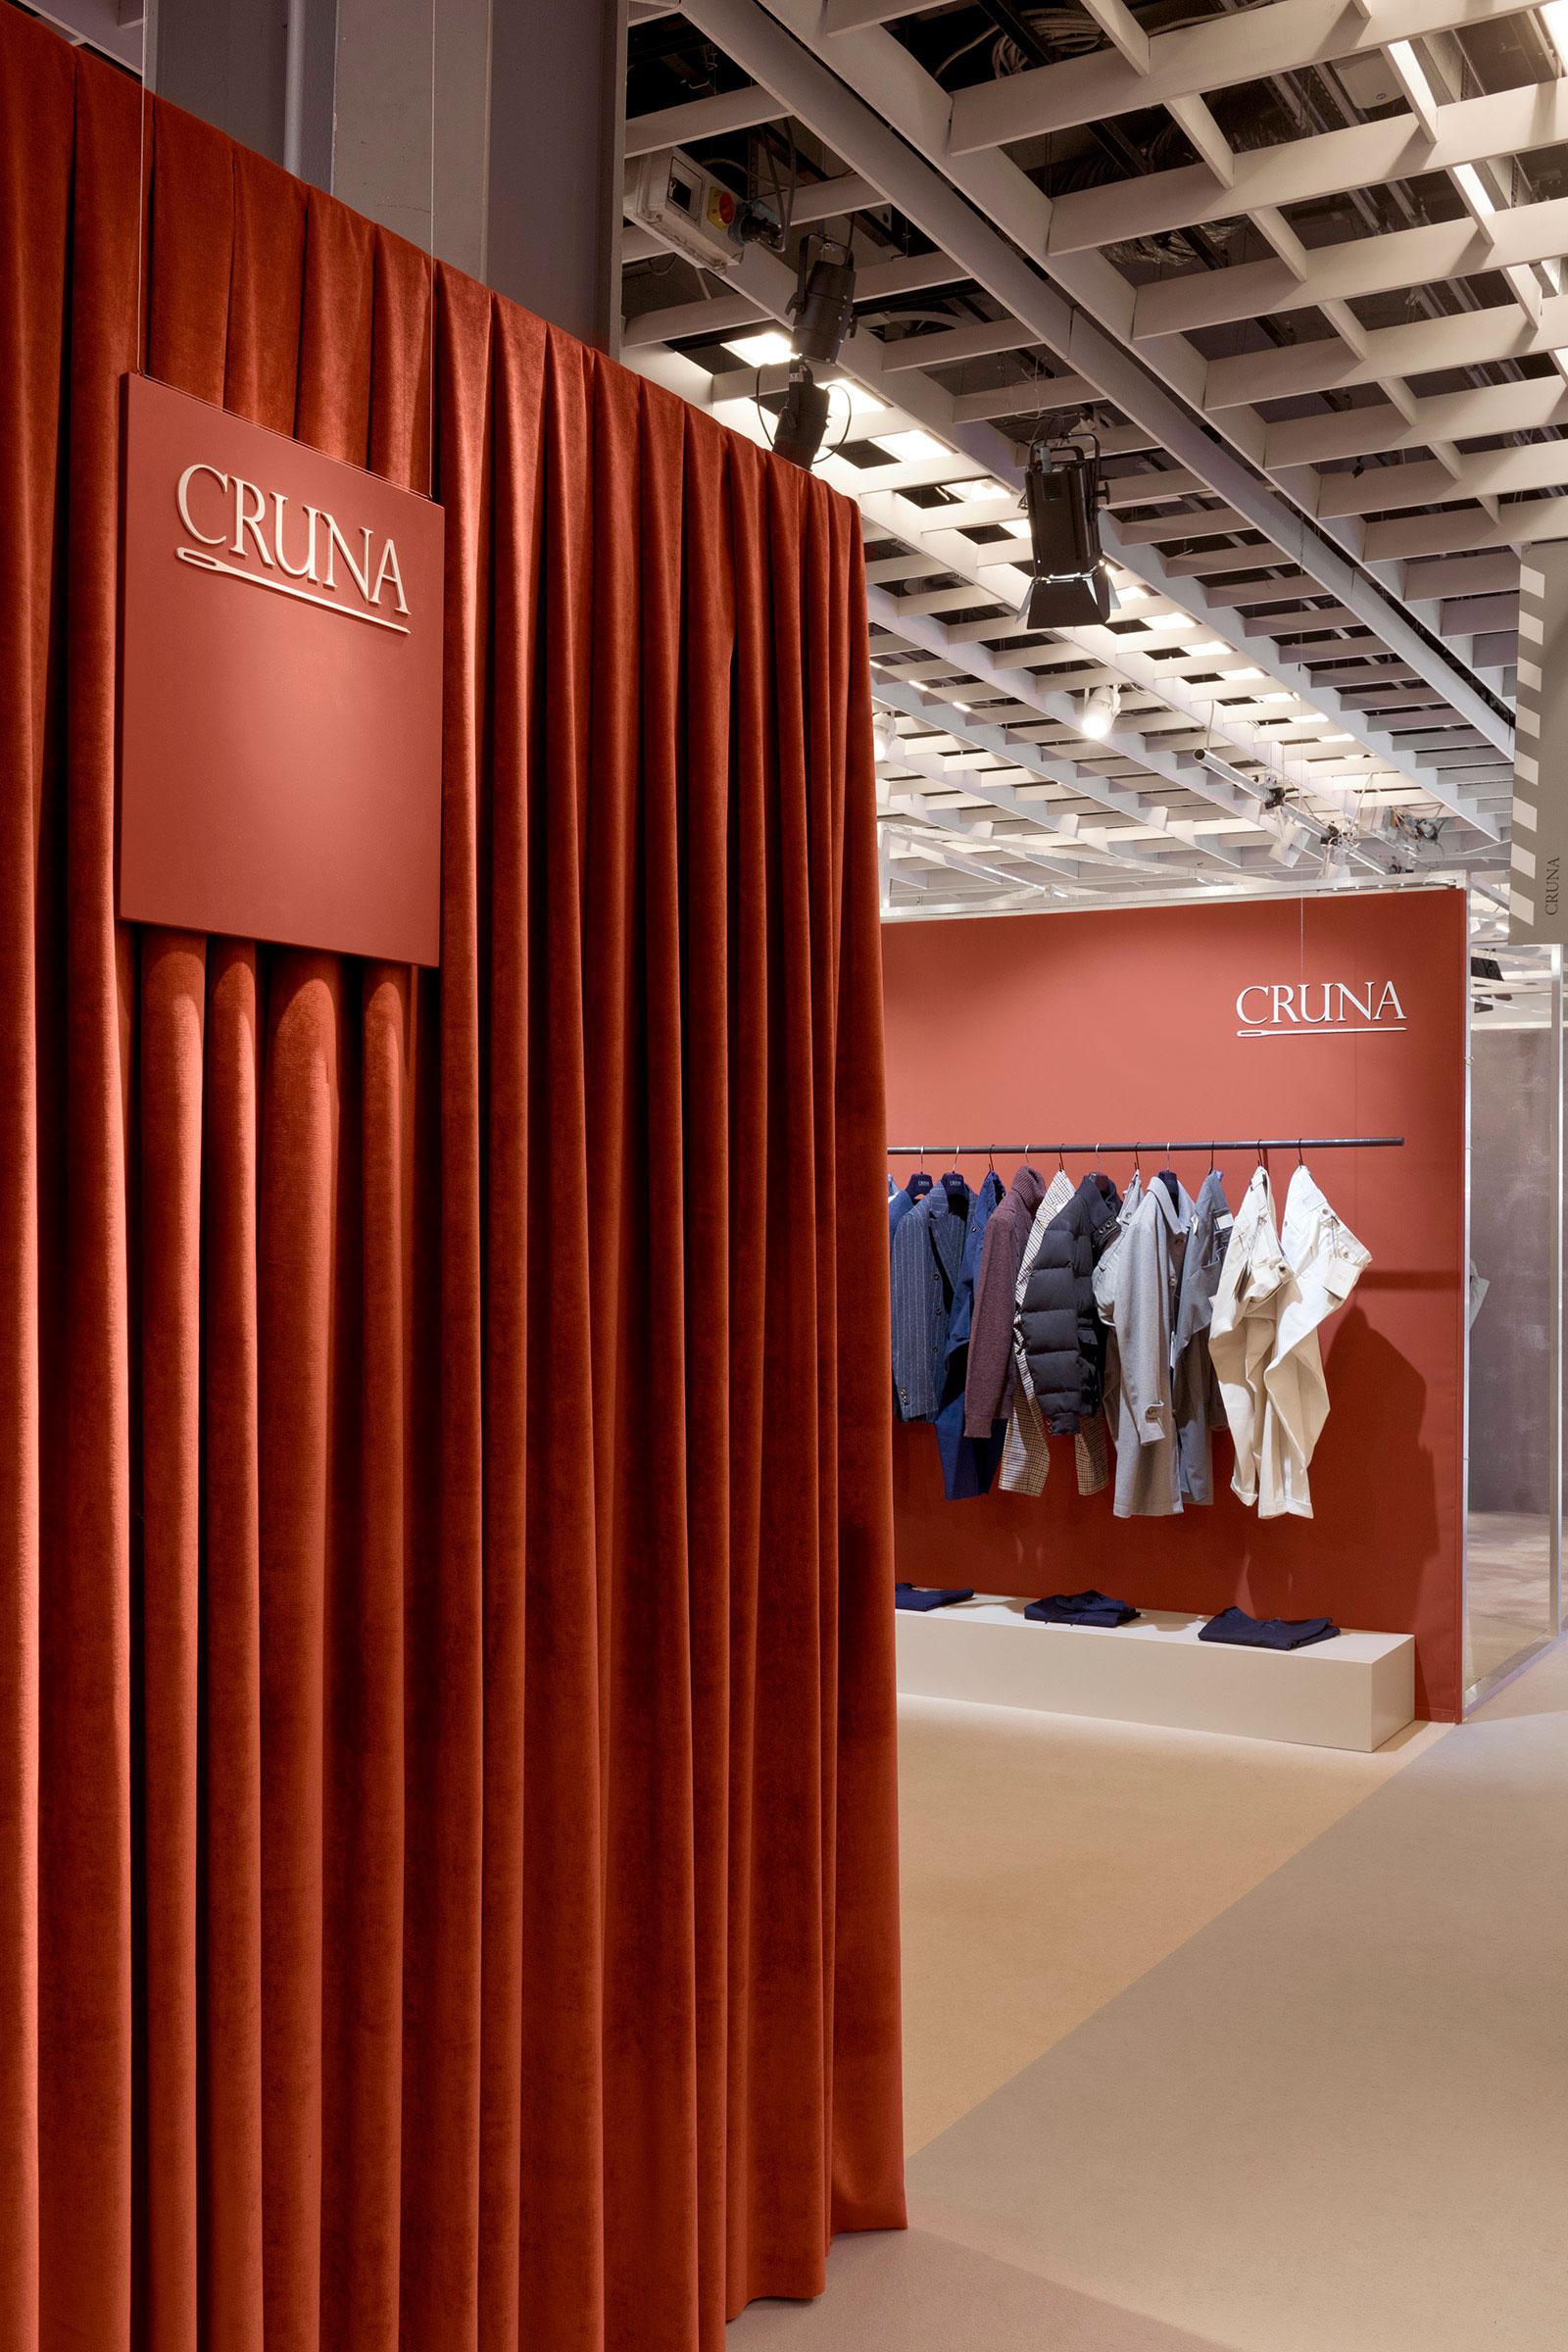 Cruna, Pitti Uomo 97, Fiera, Stand, Florence, Allestimento, Interior Design, Deferrari Modesti